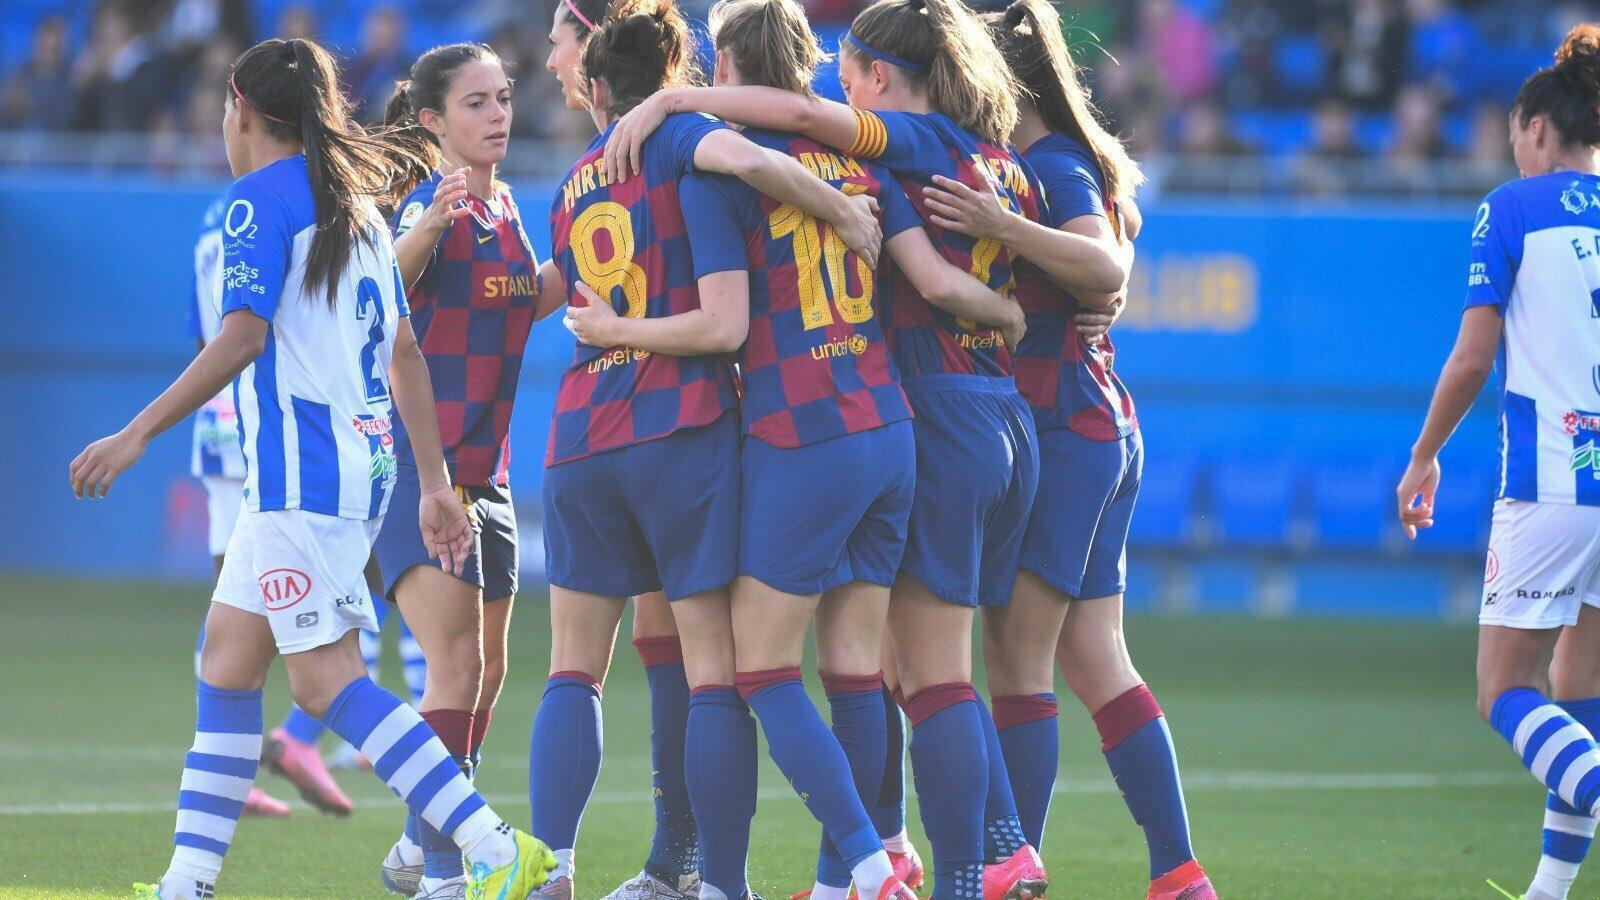 Les jugadores del Barça femení celebren un dels gols contra el Huelva